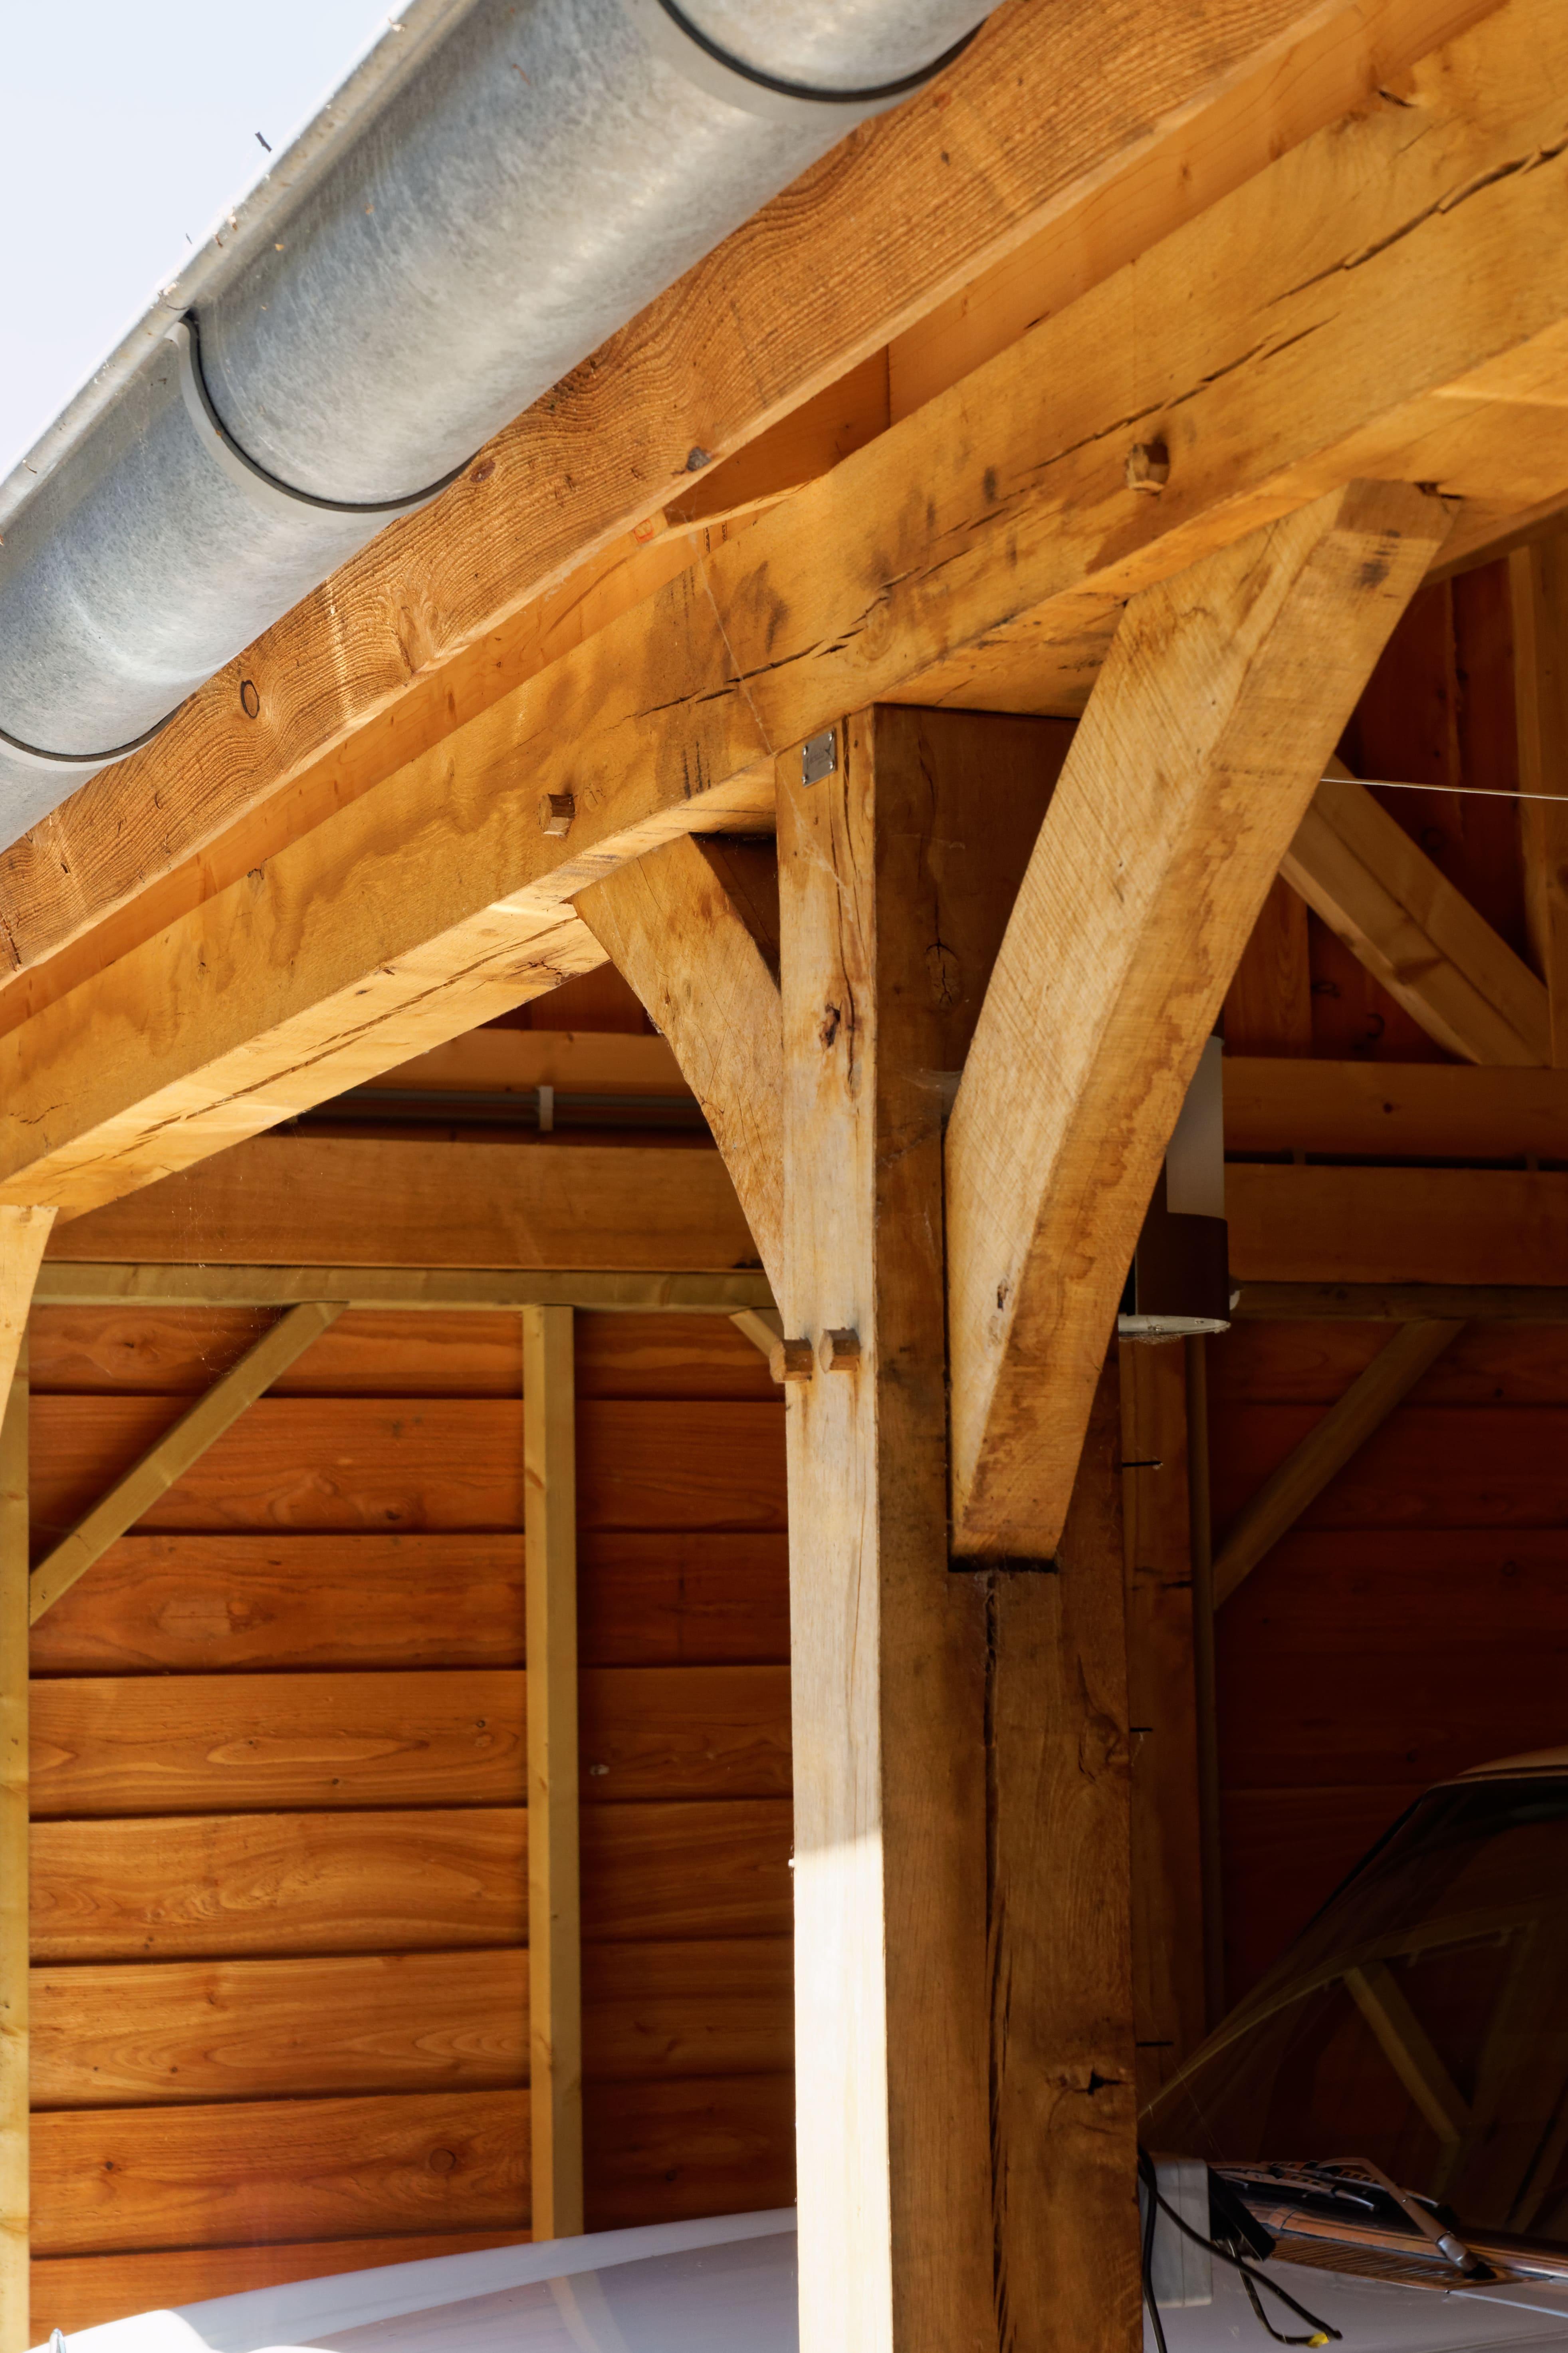 houten-kapschuur-met-overkapping-4 - Project: Meppel houten kapschuur met carport